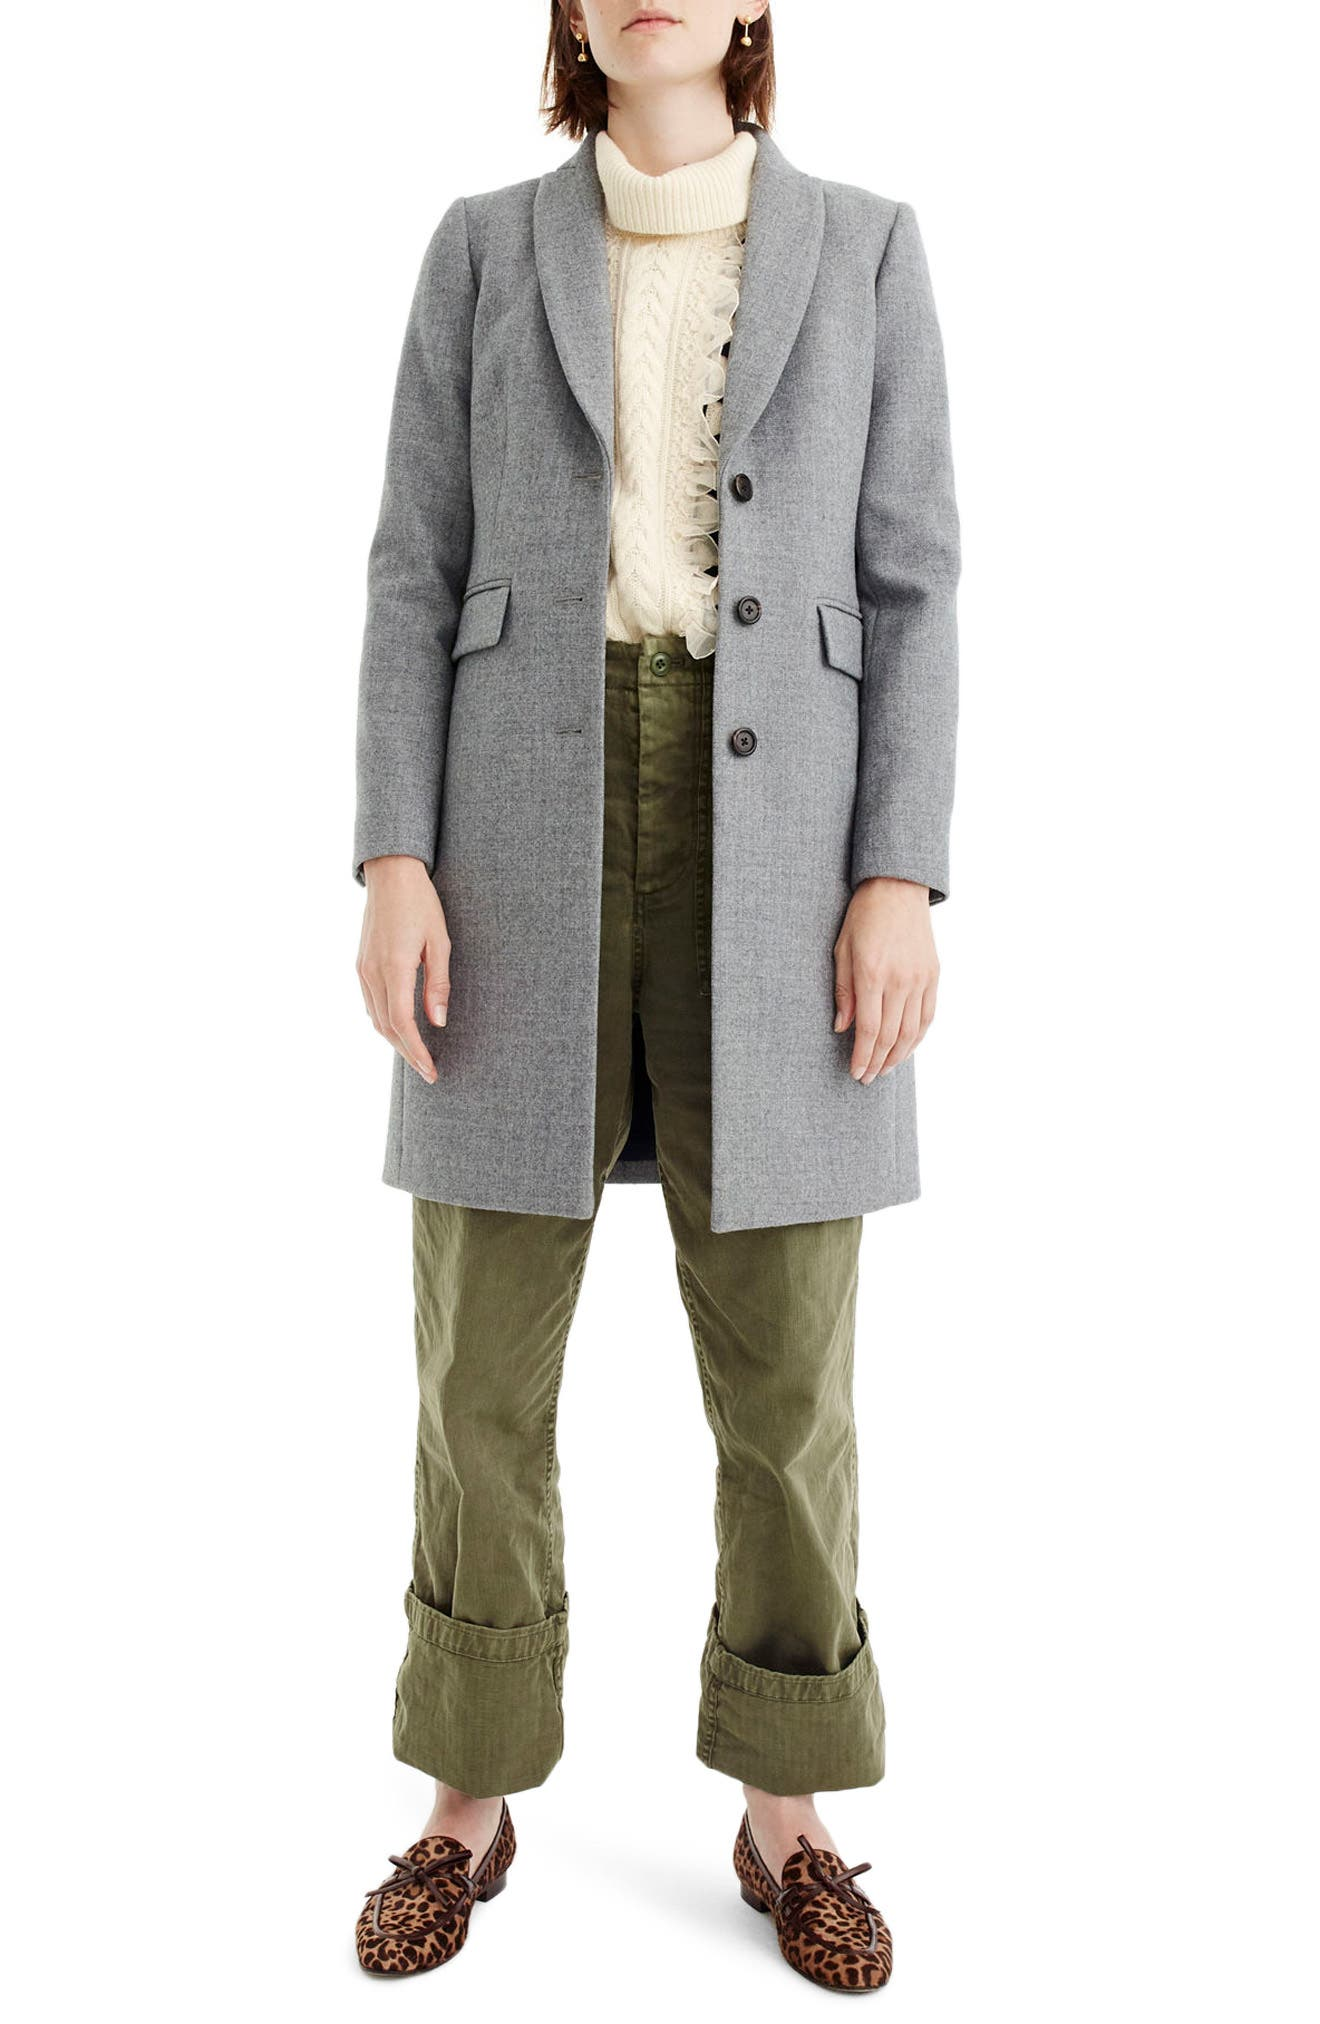 J.Crew Eniko Wool Topcoat